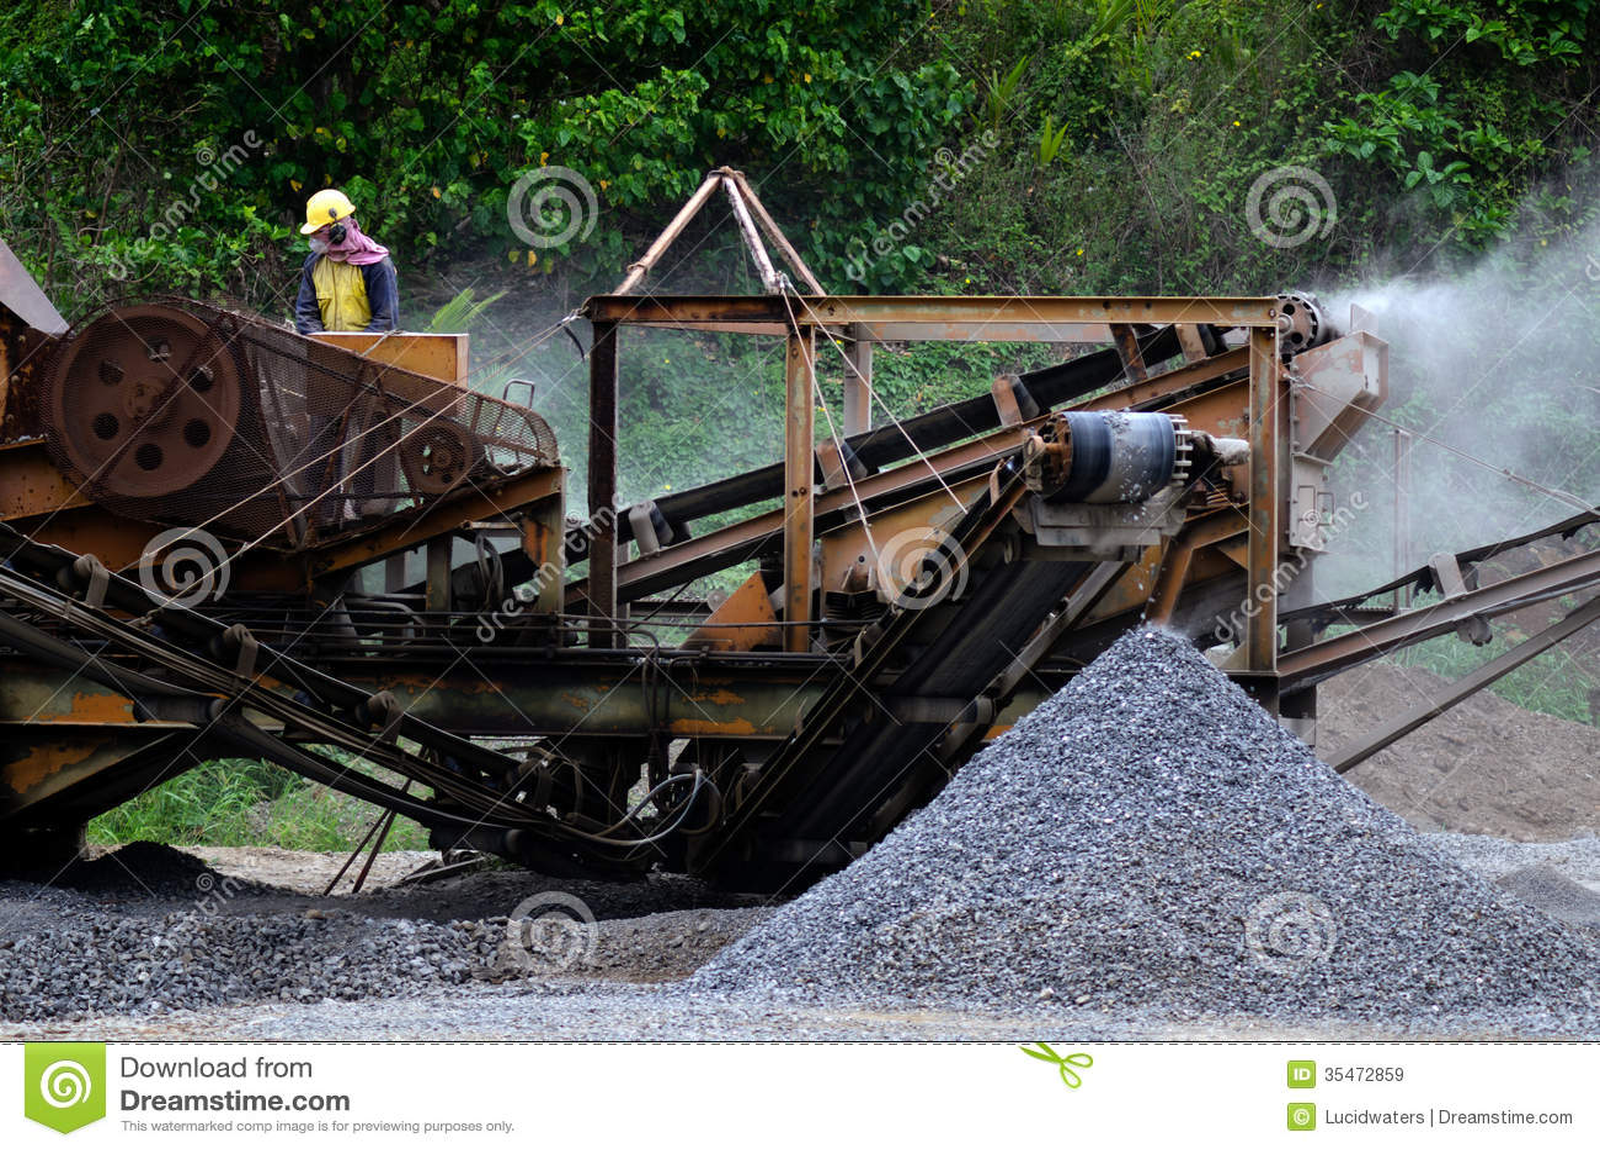 gravel machine